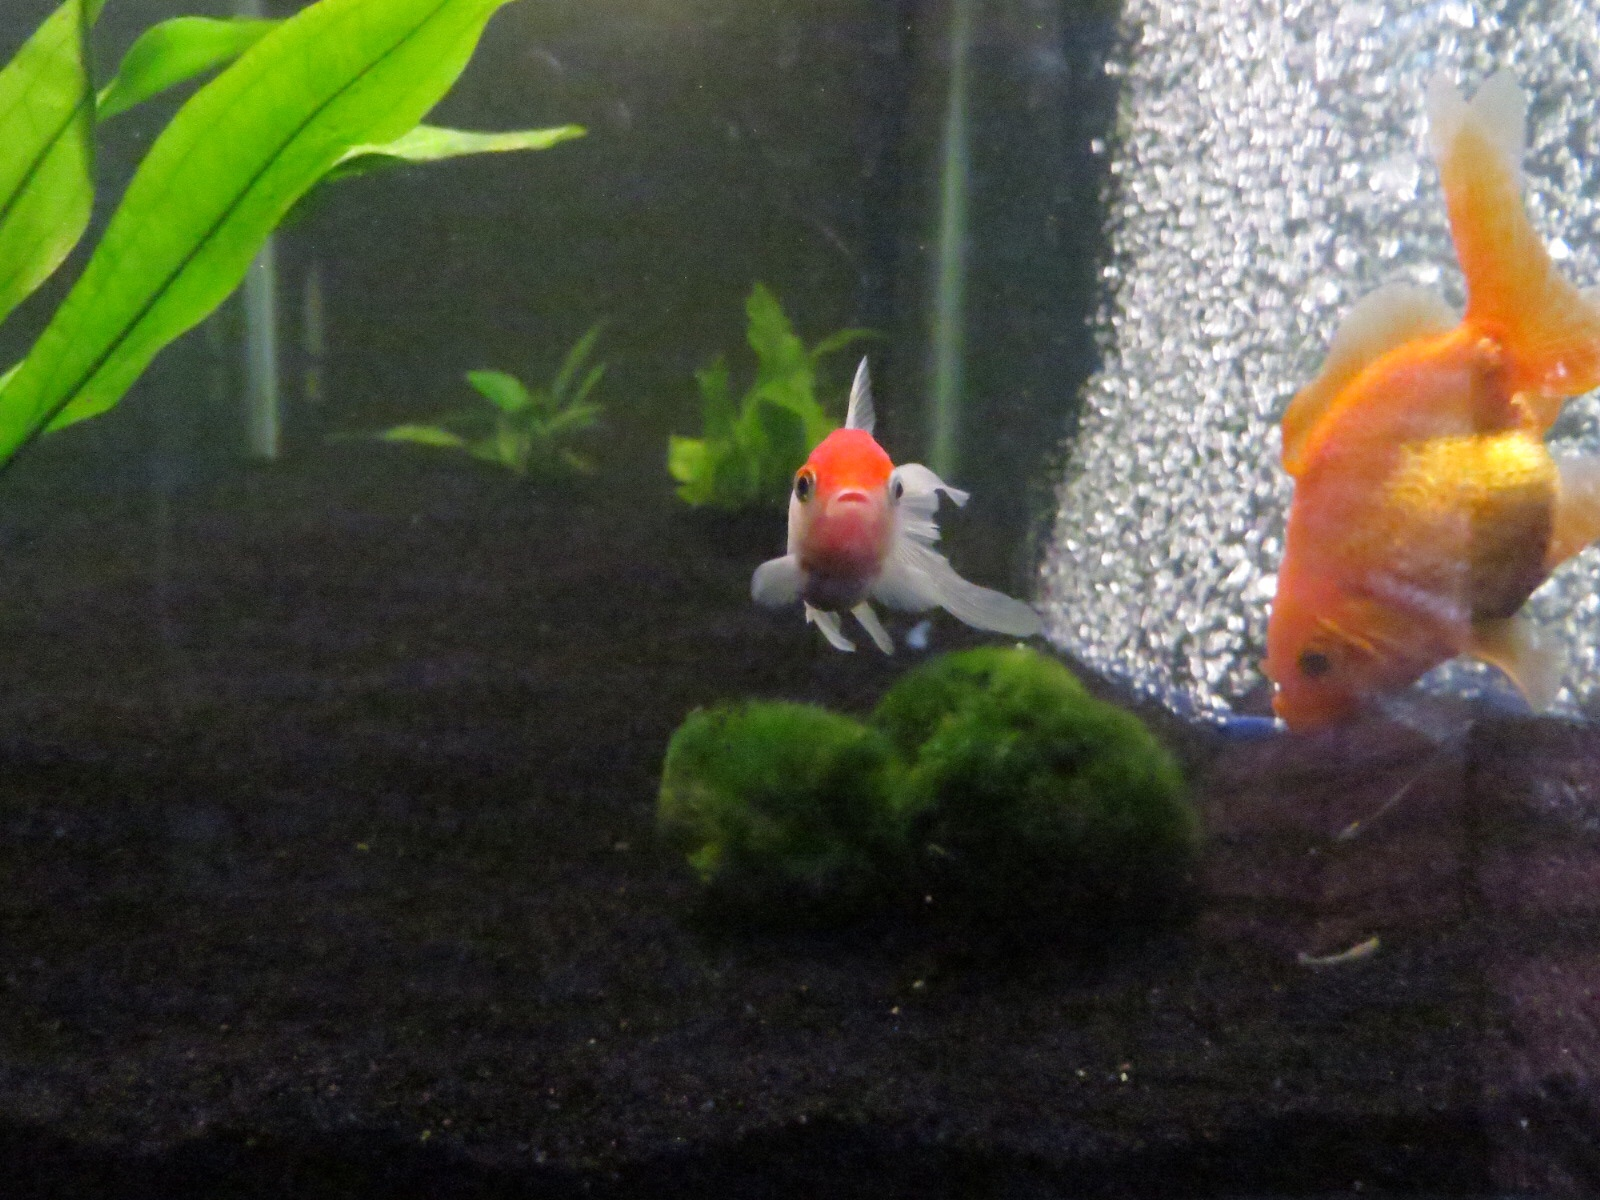 Fish aquarium in ecr - Fc15120692b93ed70dd2bb20a912b0dc Jpg